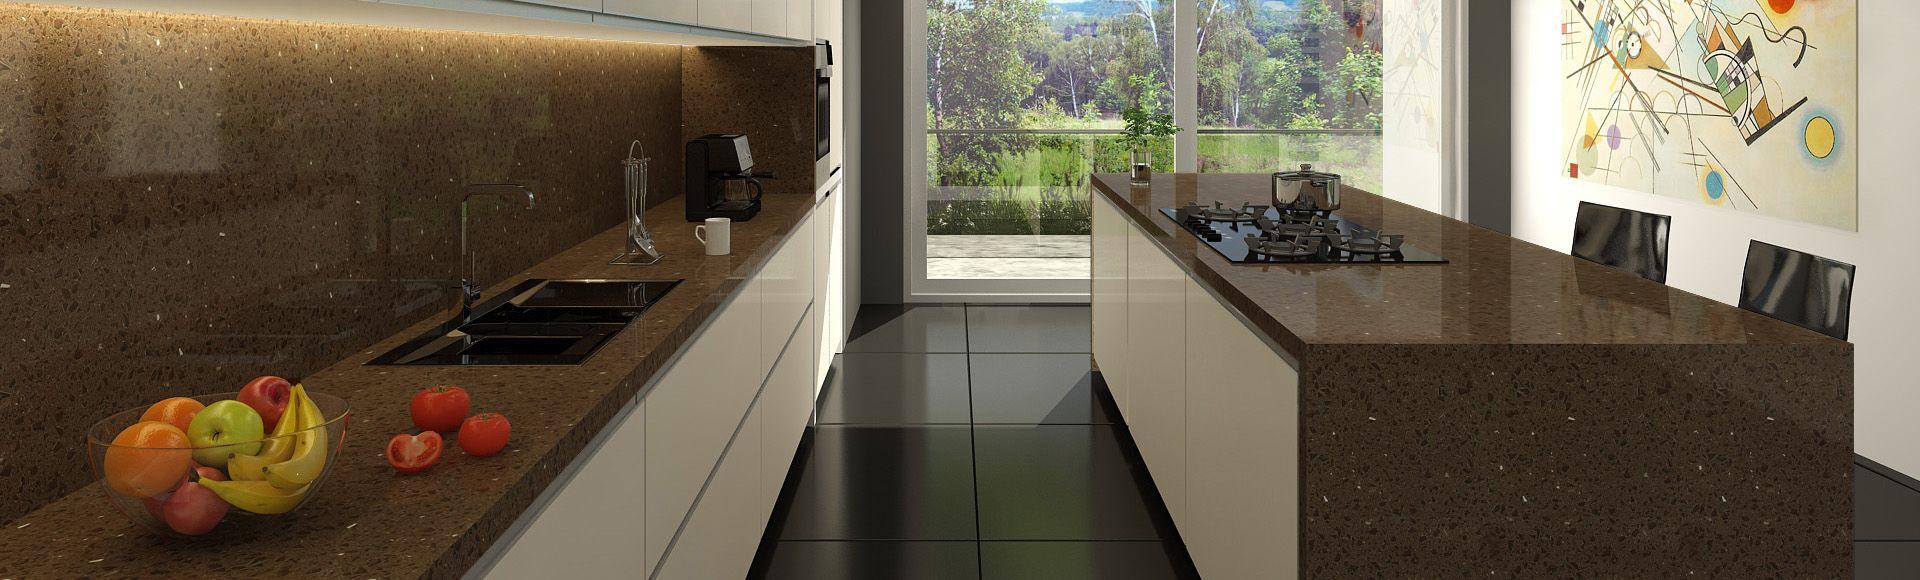 Hermosa Cocina Creativa Diseña Beckenham Elaboración - Como Decorar ...